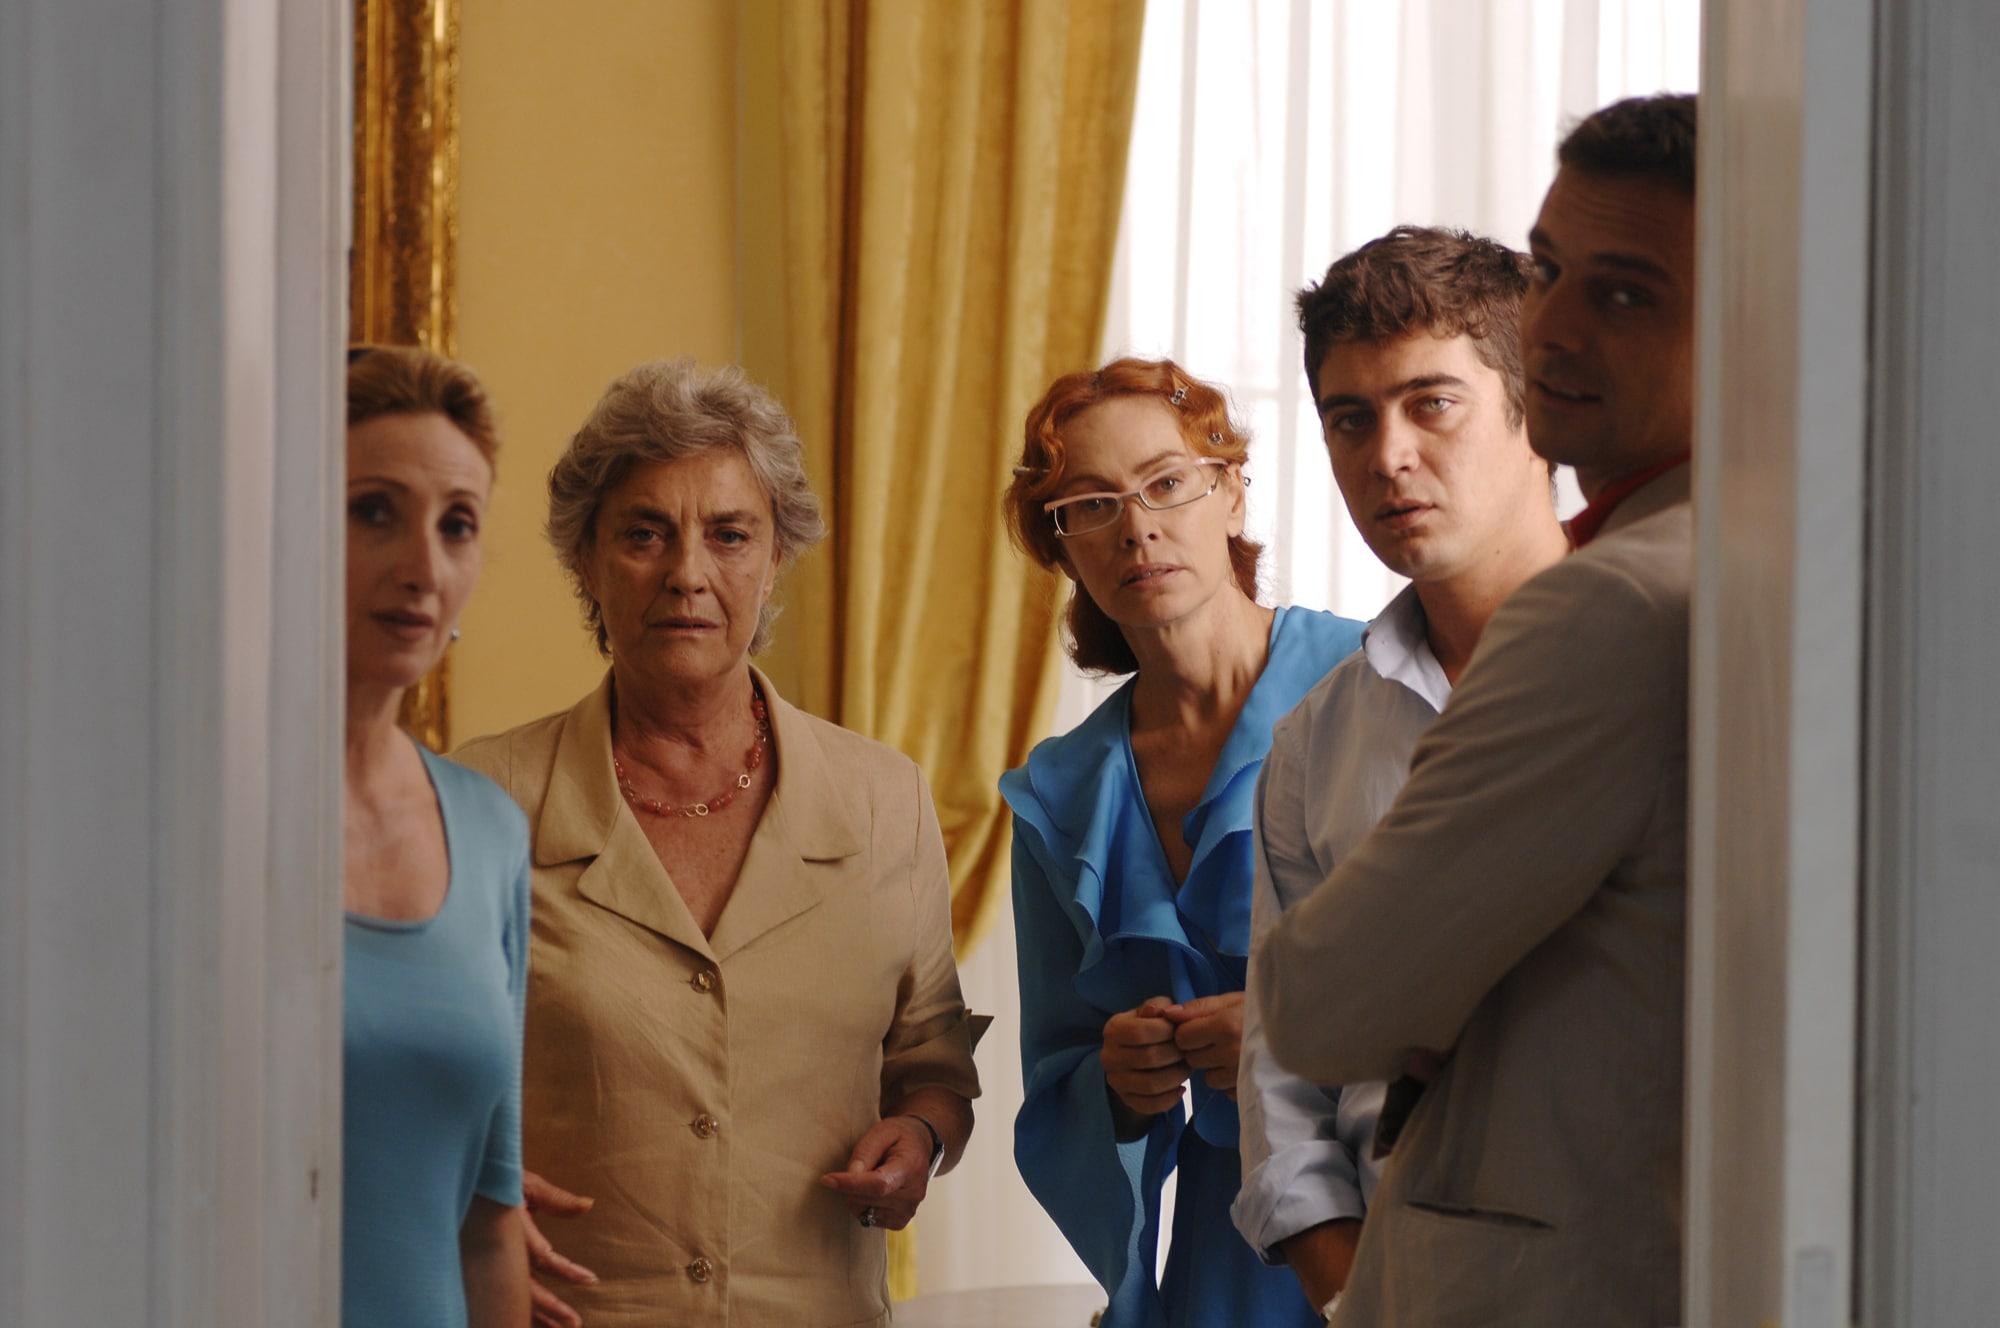 Mine vaganti»: trama, cast, trailer, perché vederlo | TV Sorrisi e ...